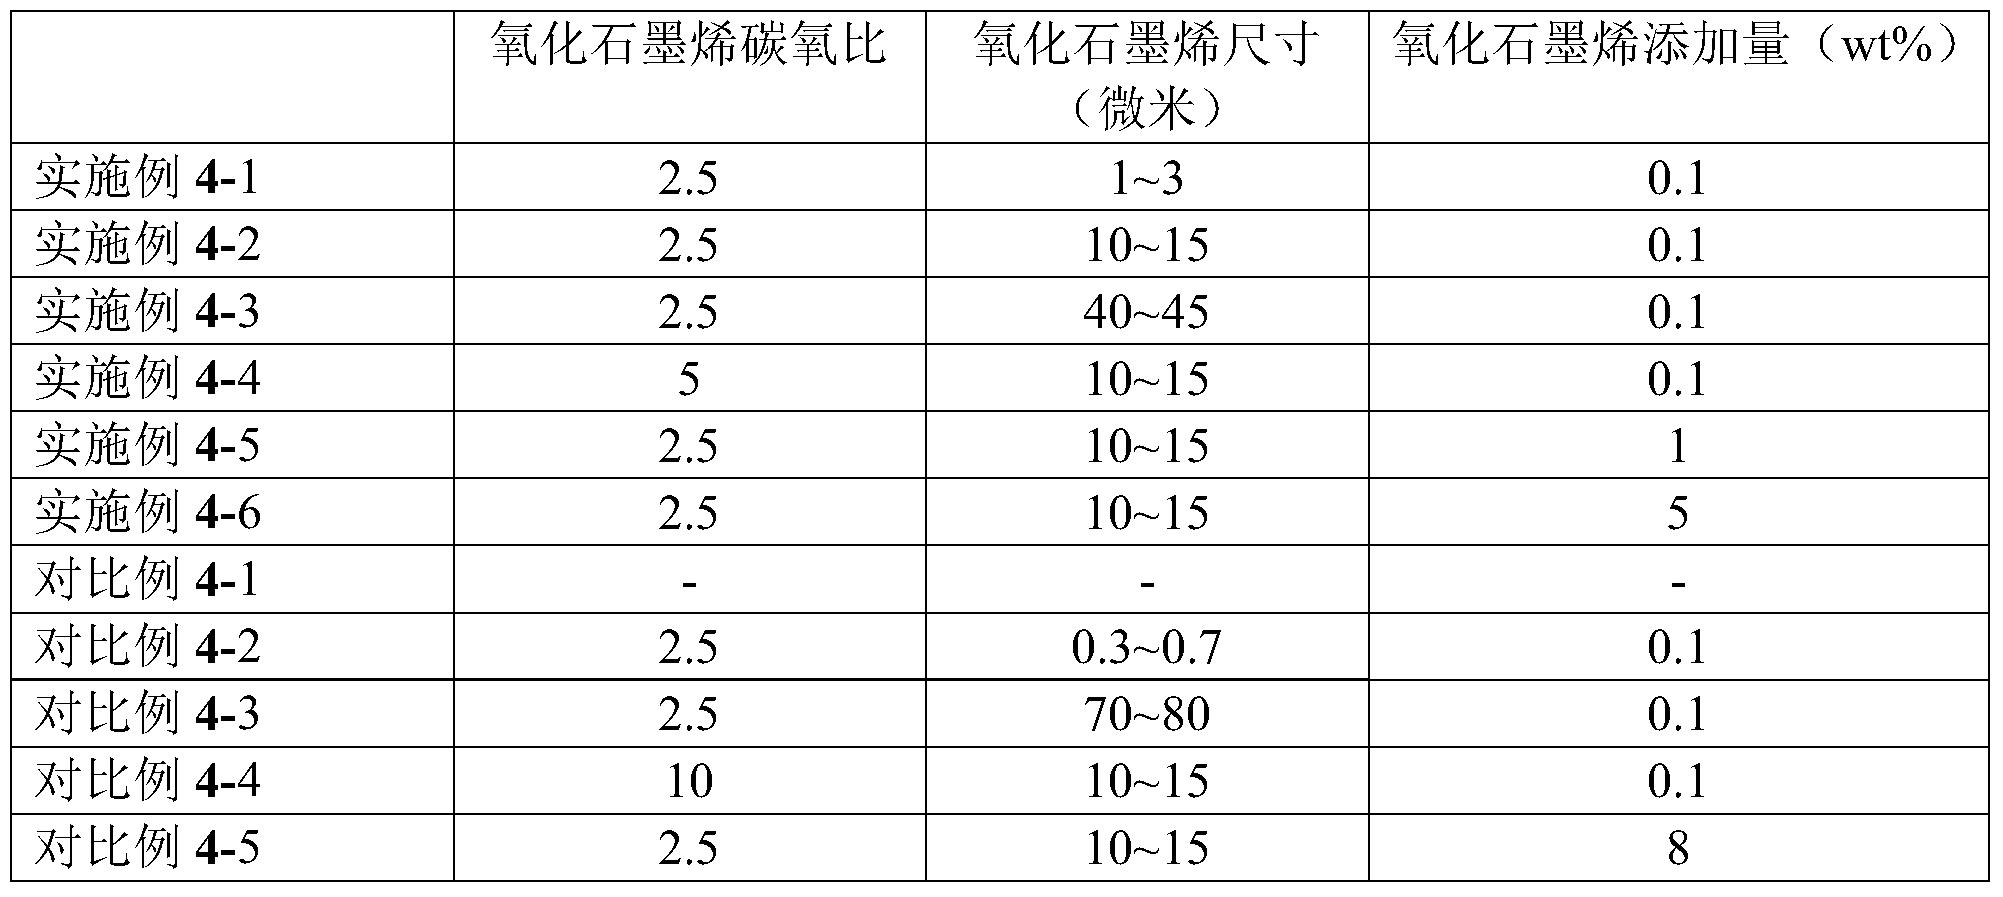 Figure PCTCN2018077169-appb-000005